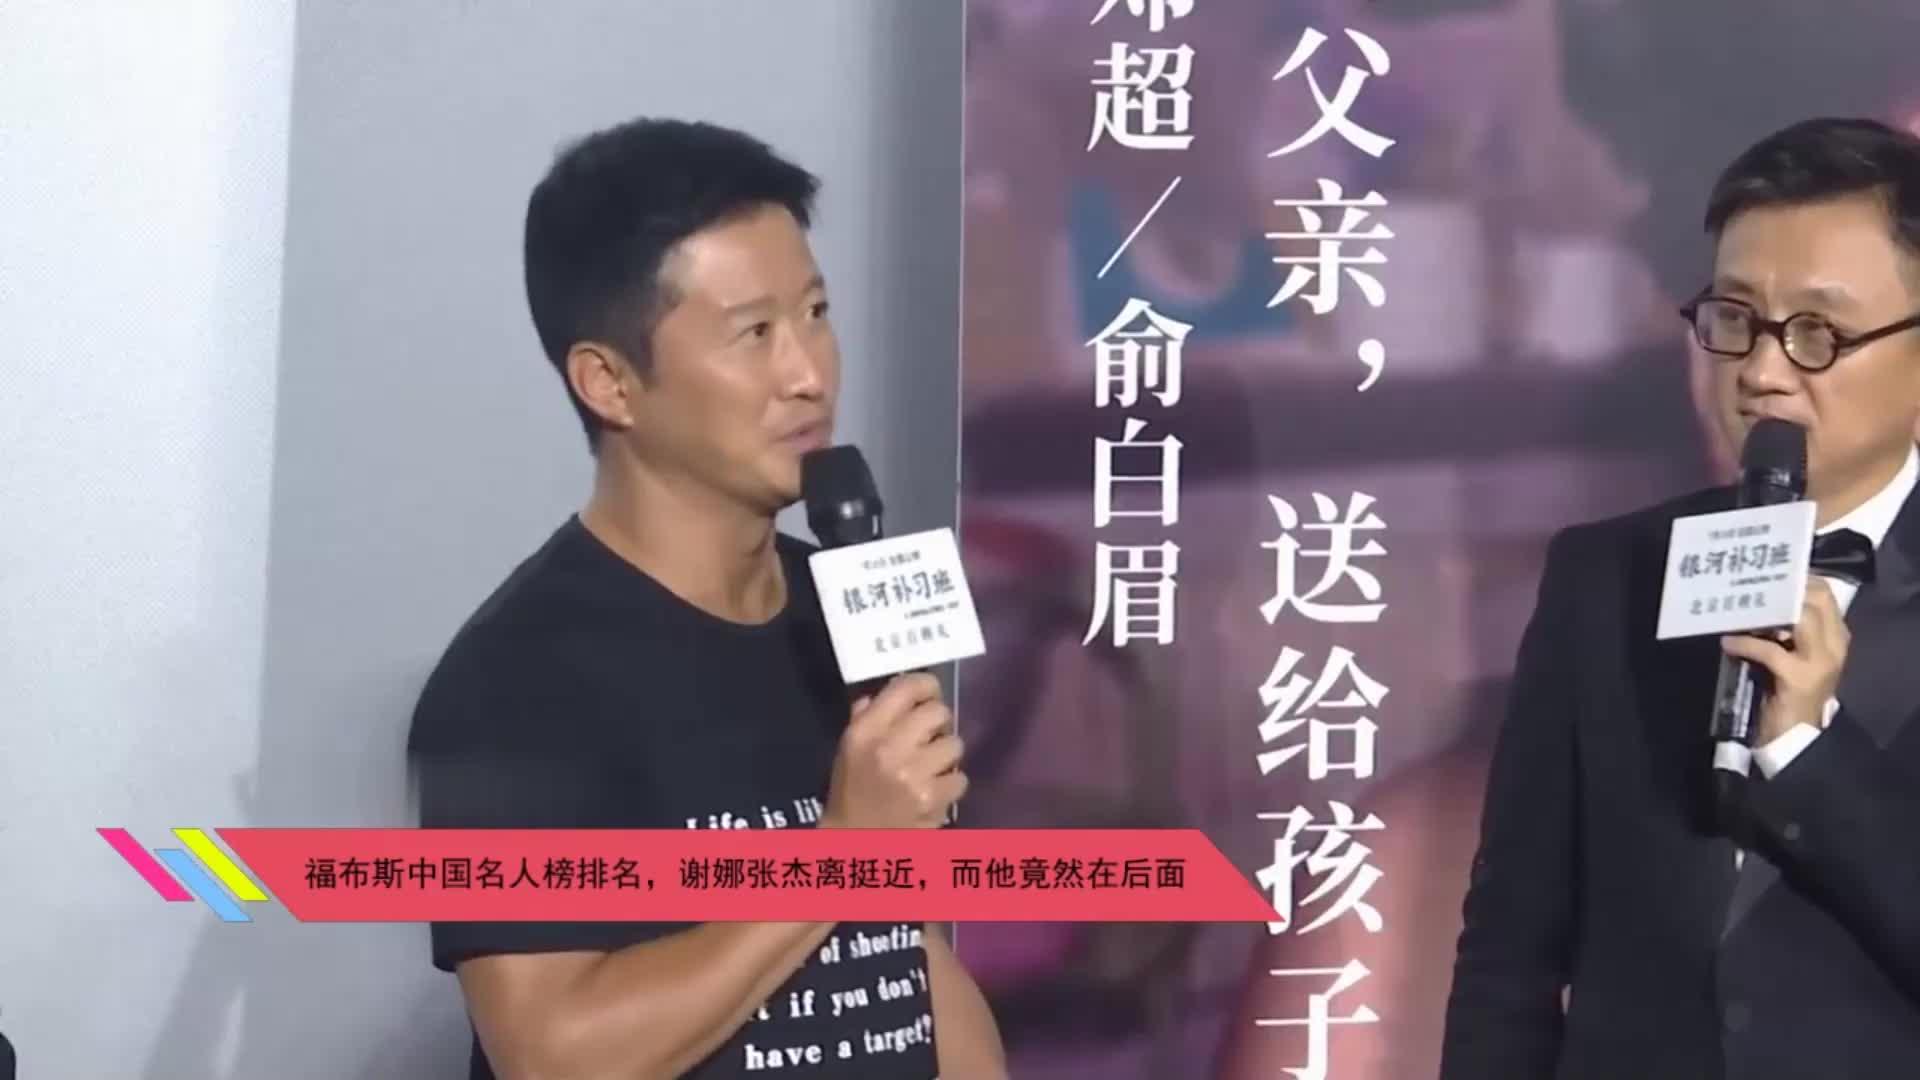 福布斯中国名人榜排名谢娜张杰离挺近而他竟然在后面